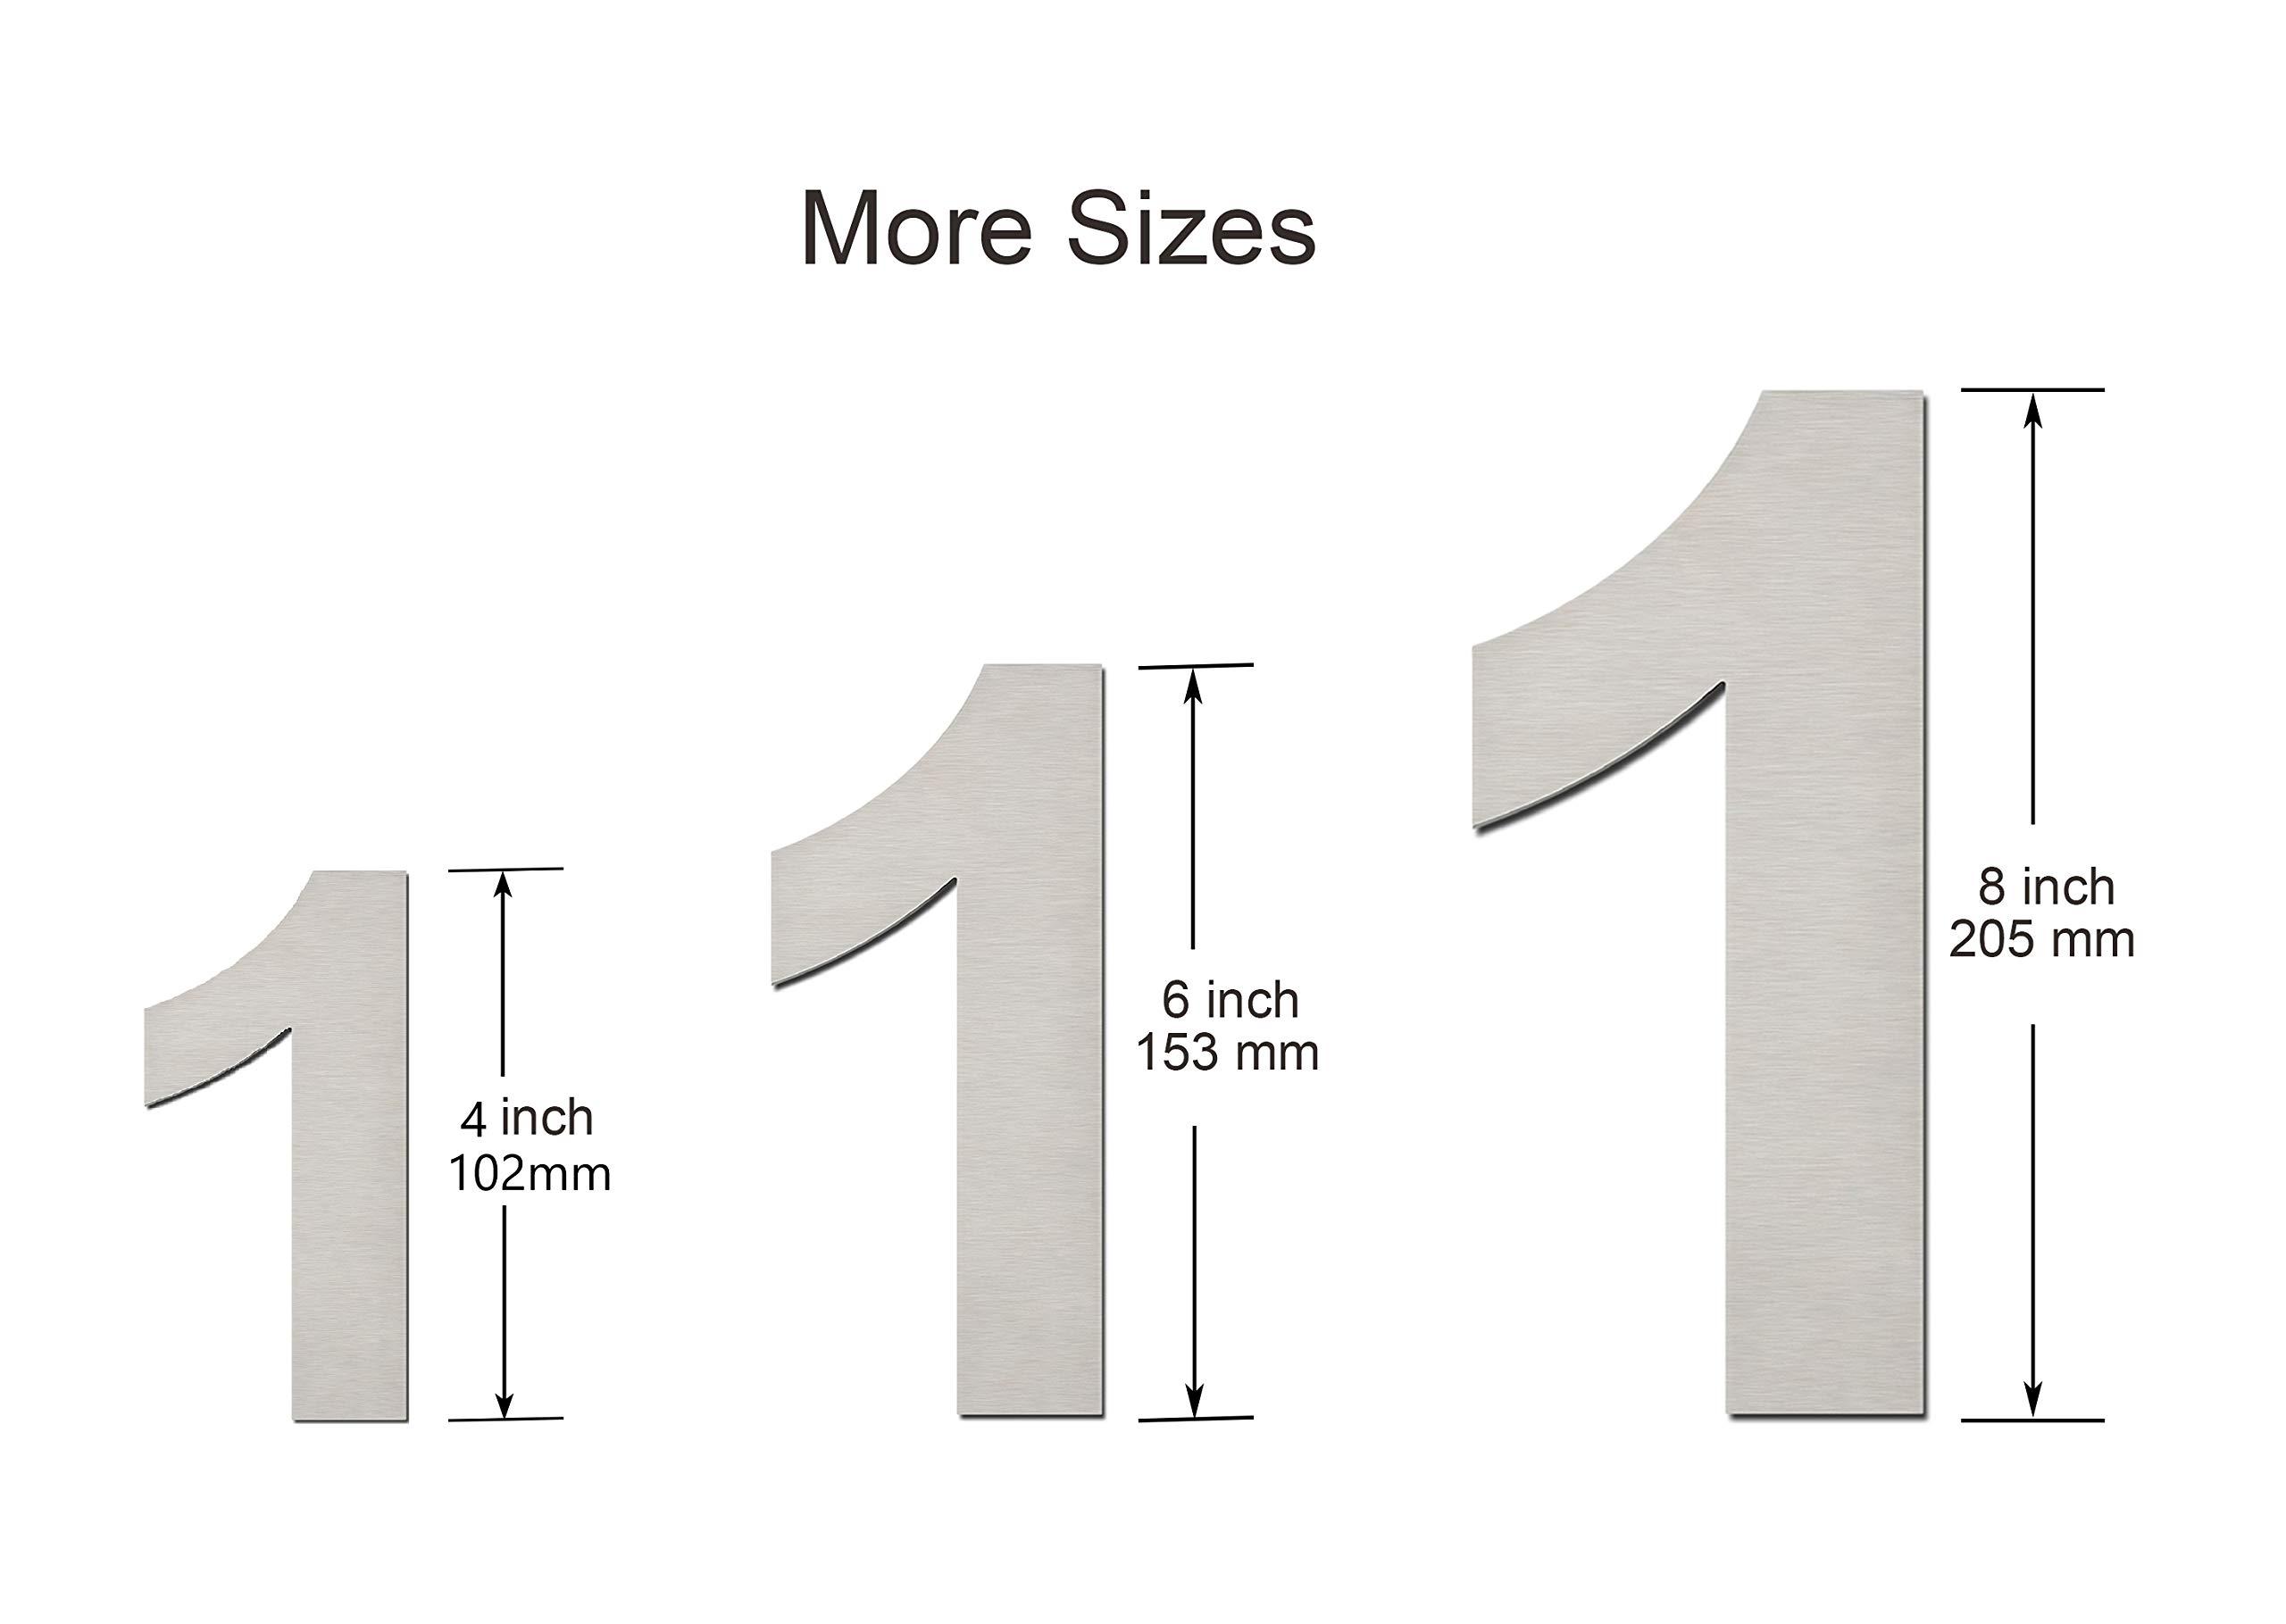 N/úmero 0 Cero hecha de acero inoxidable 304 s/ólido aspecto flotante y f/ácil de instalar N/úmero de casa moderna cepillada: 102 mm de altura